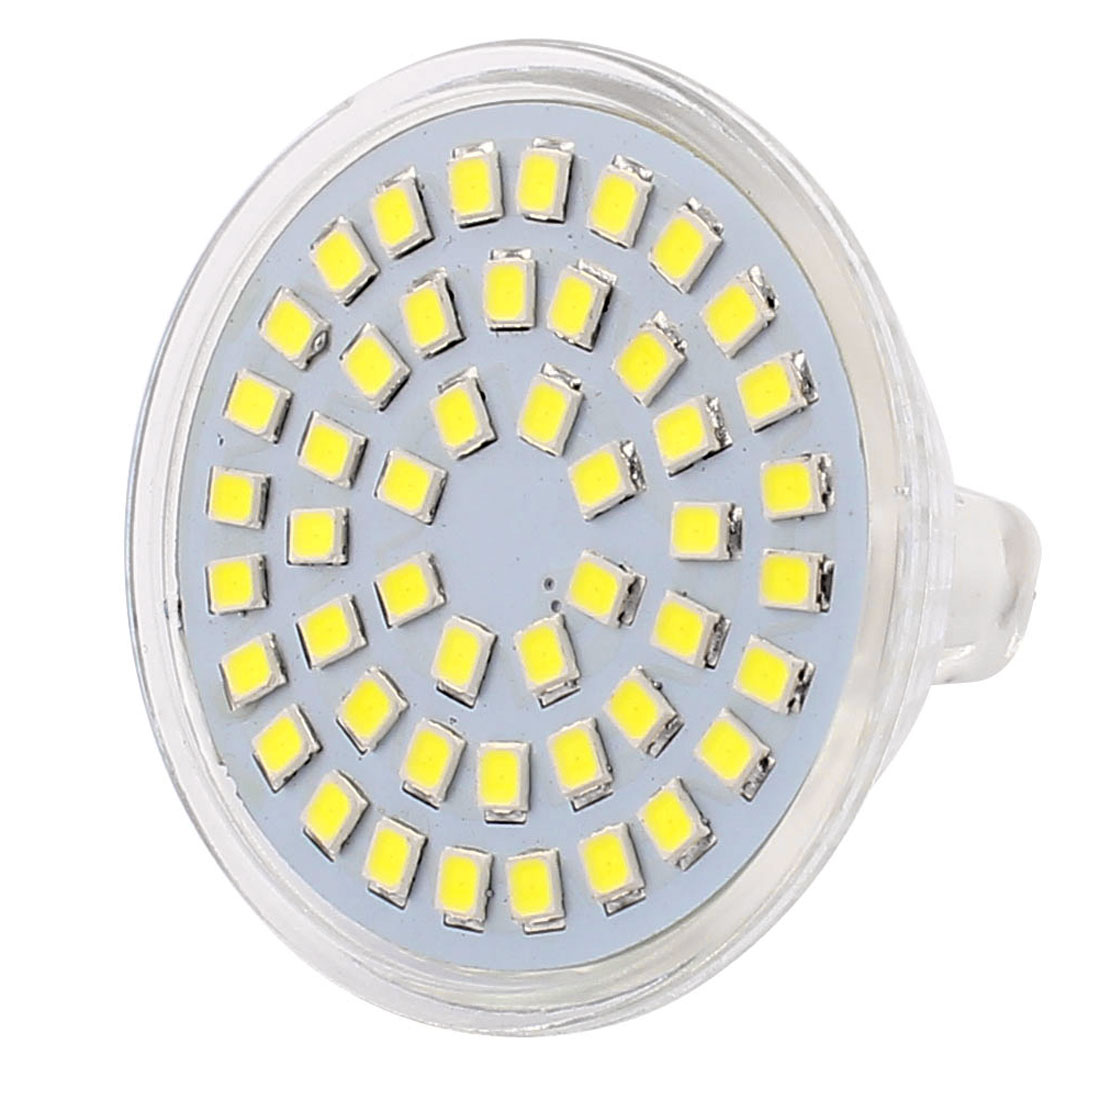 220V 4W MR16 2835 SMD 48 LEDs LED Bulb Light Spotlight Down Lamp Lighting White